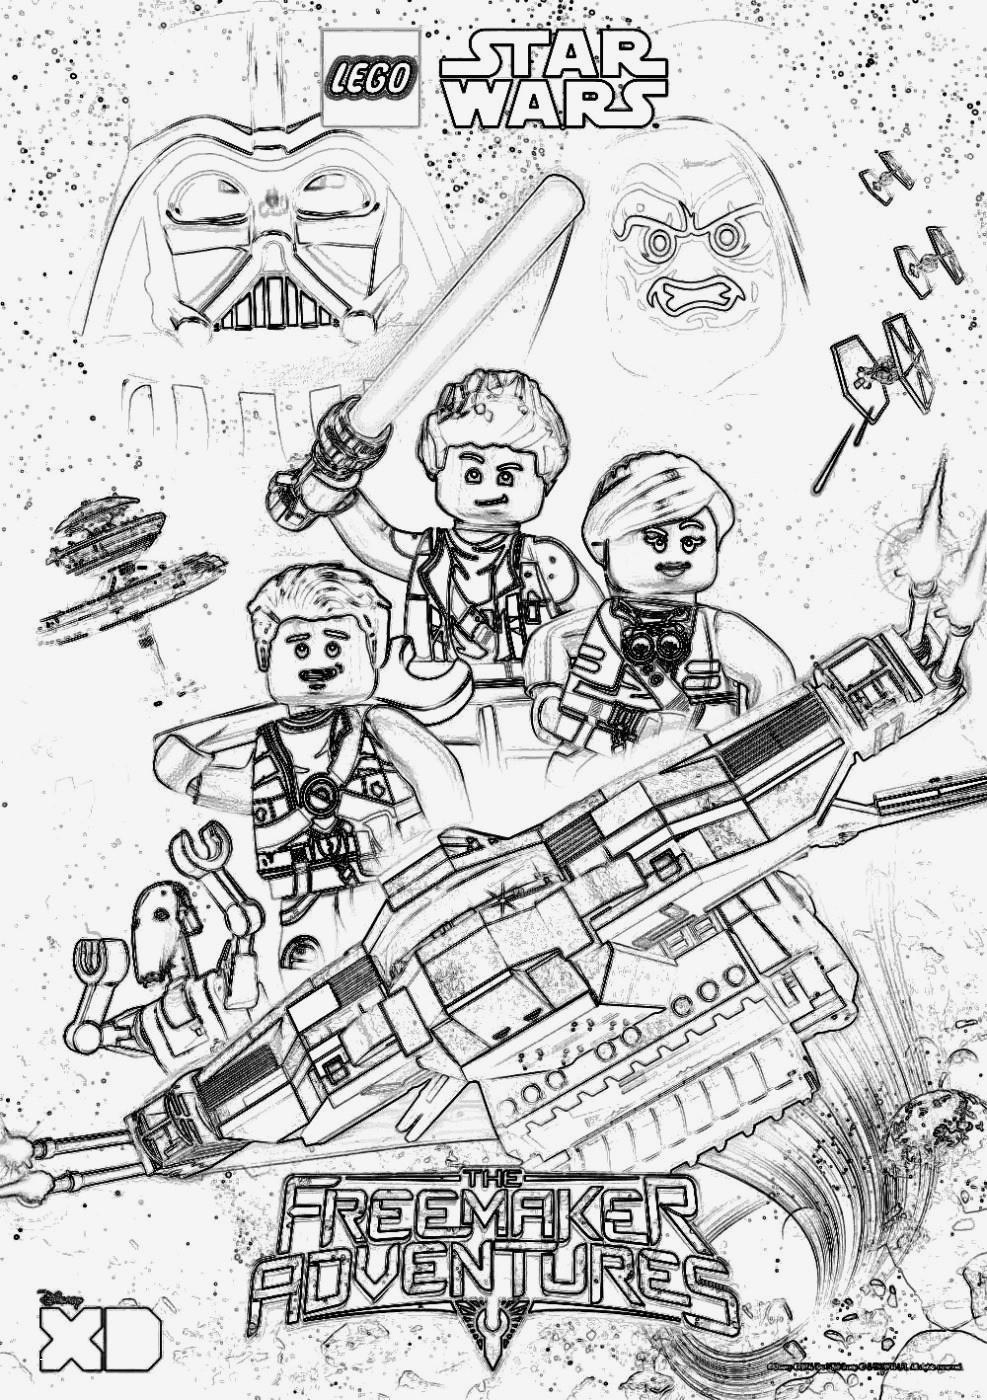 Mia and Me Ausmalbilder Einzigartig Star Wars Malvorlagen Bildergalerie & Bilder Zum Ausmalen Star Wars Stock